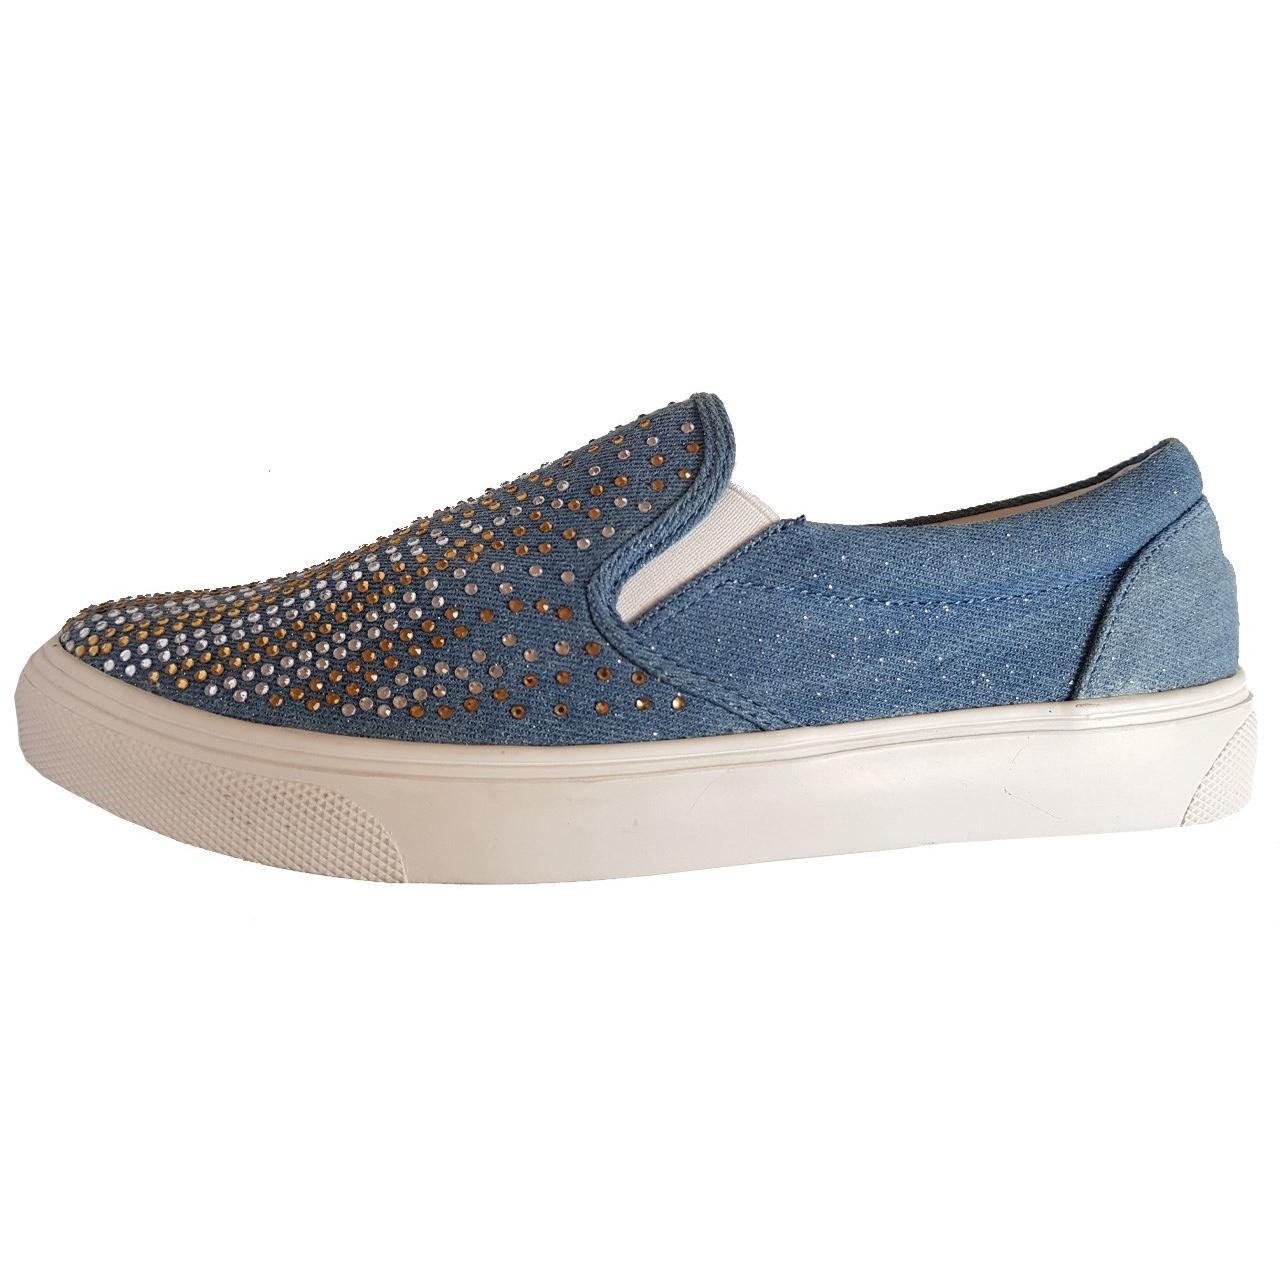 کفش اسپرت گلد اند گلد مدل SLIP-ONS کد 536-85 M